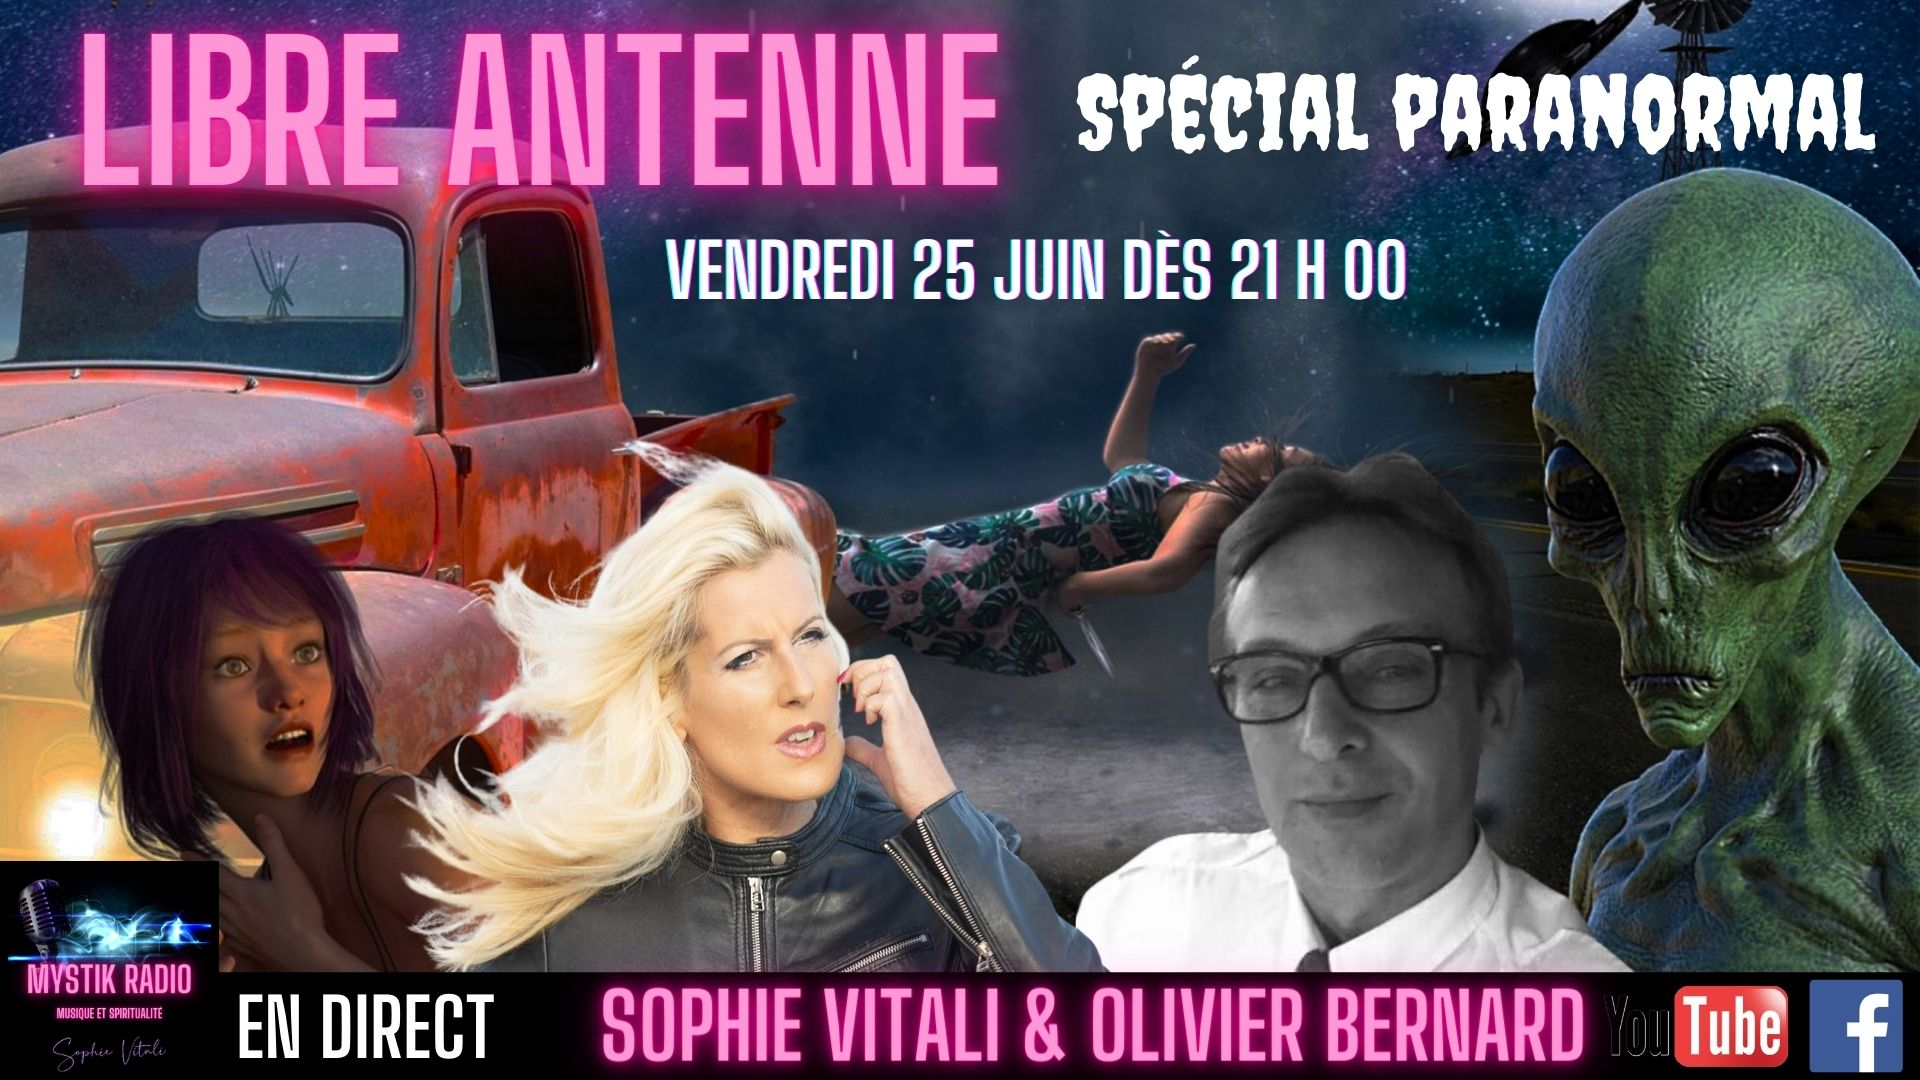 libre antenne spécial paranormal animé par Sophie Vitali et Olivier Bernard